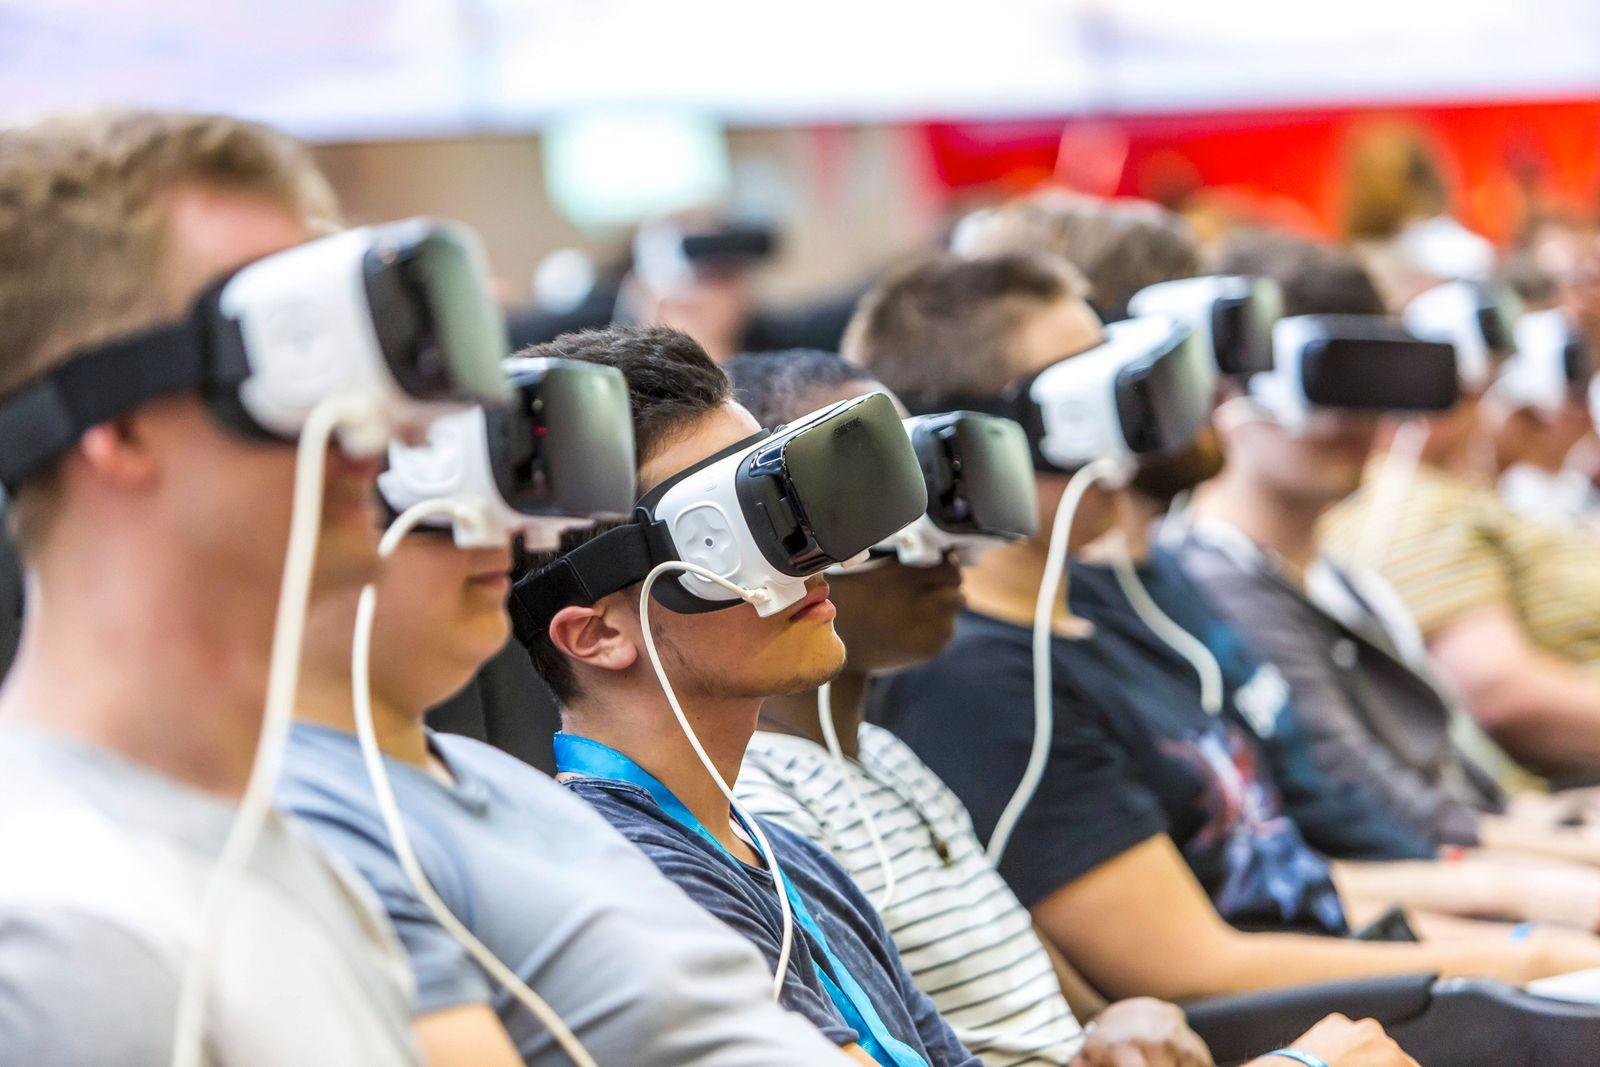 Computer Spiele Messe Gamescom 2016 in Köln Virtual reality Computerspiele werden lebendig erlebt